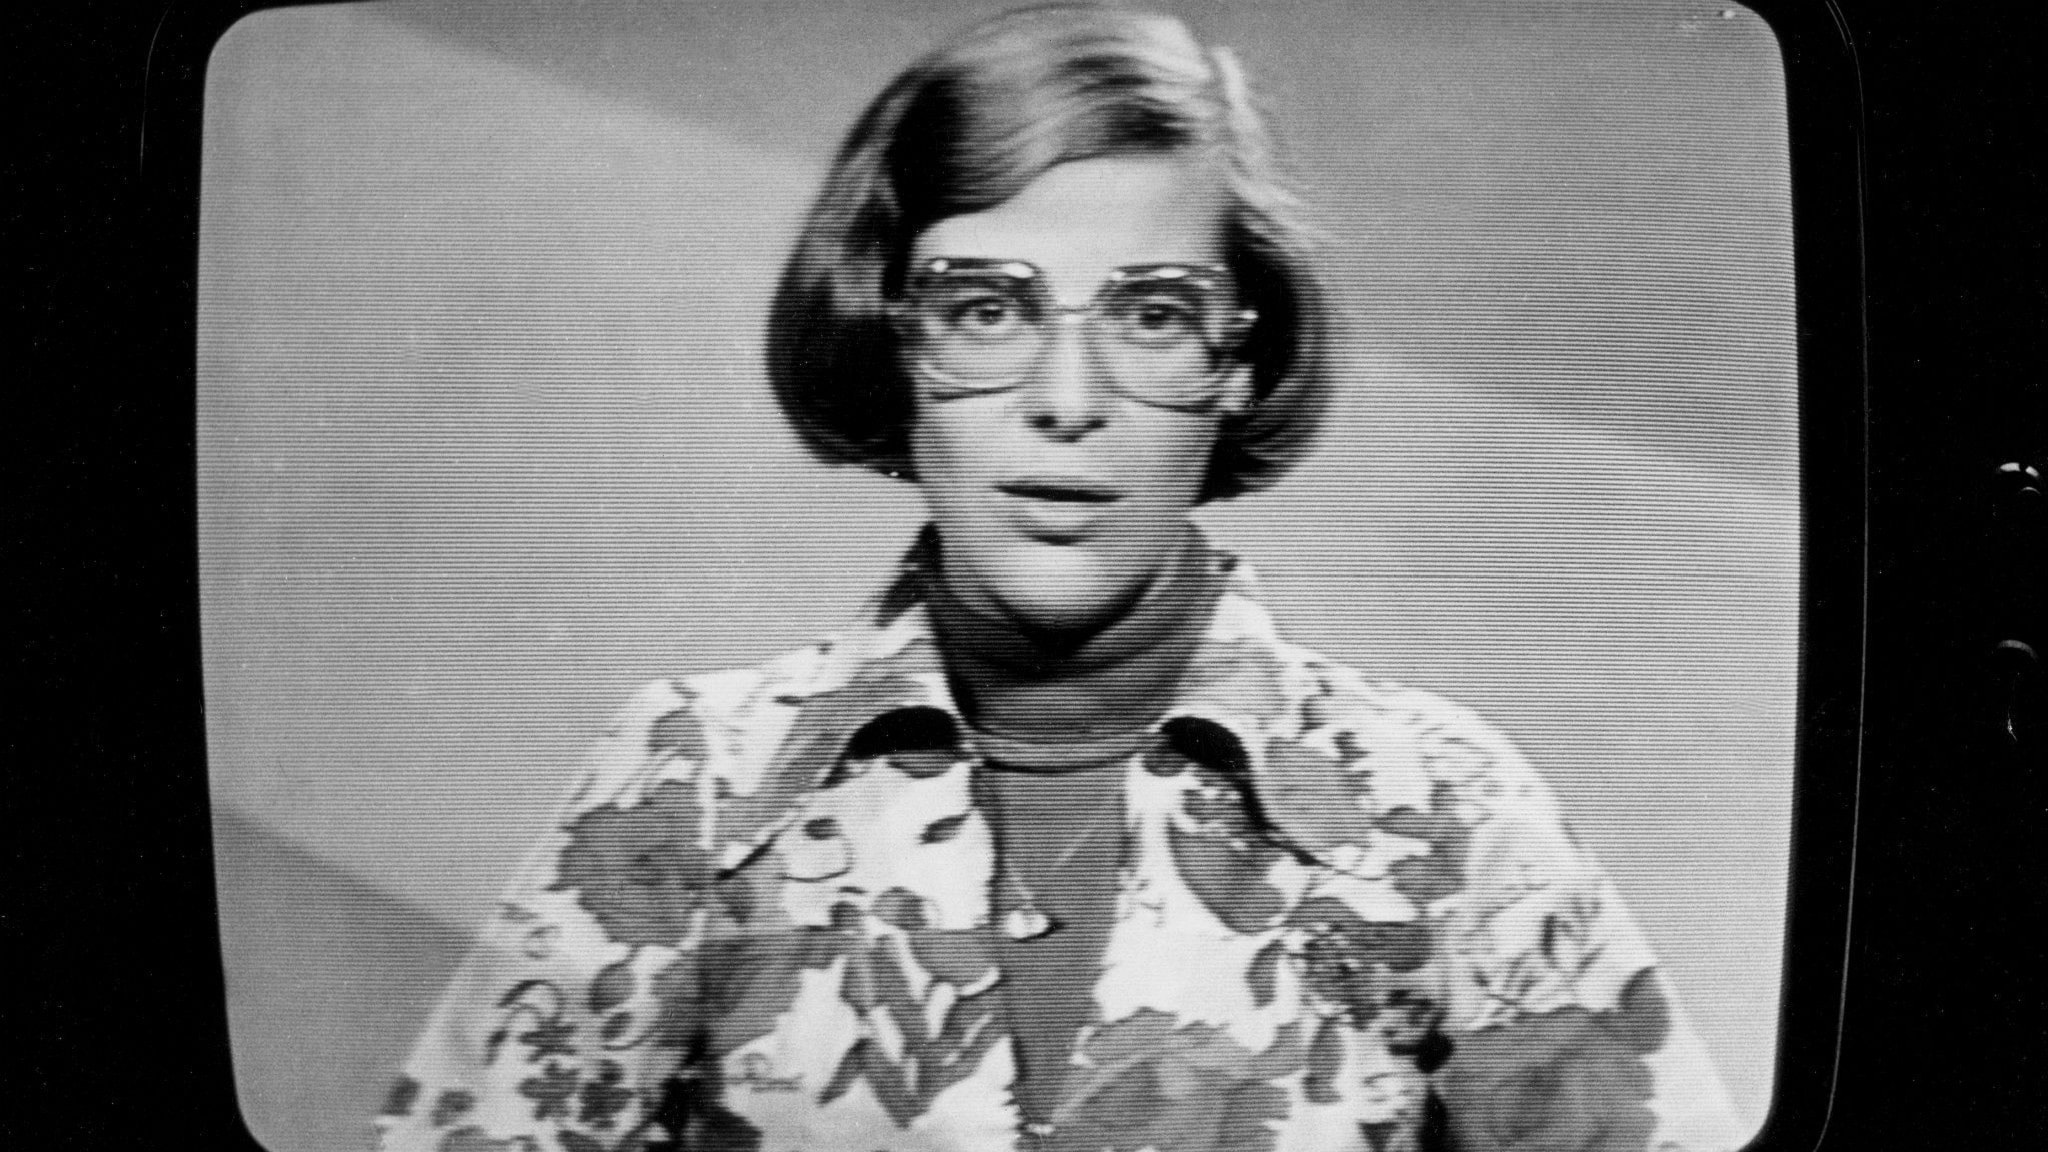 Åsa Bodén hamnade på Svensktoppen 5 oktober 1980